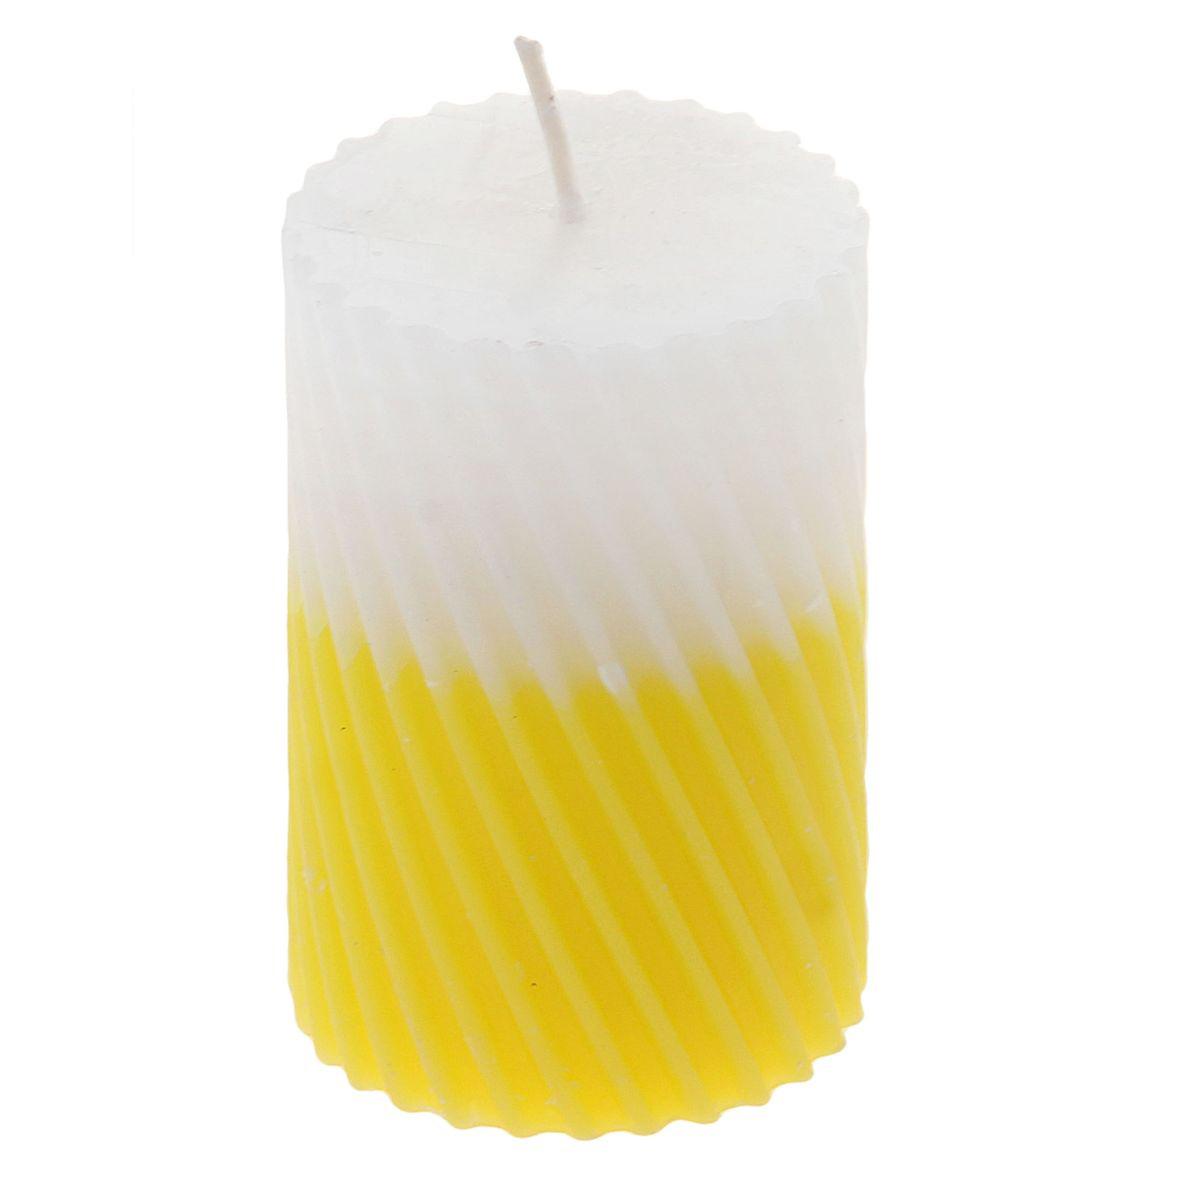 Свеча ароматизированная Sima-land Лимон, высота 7,5 см. 849539